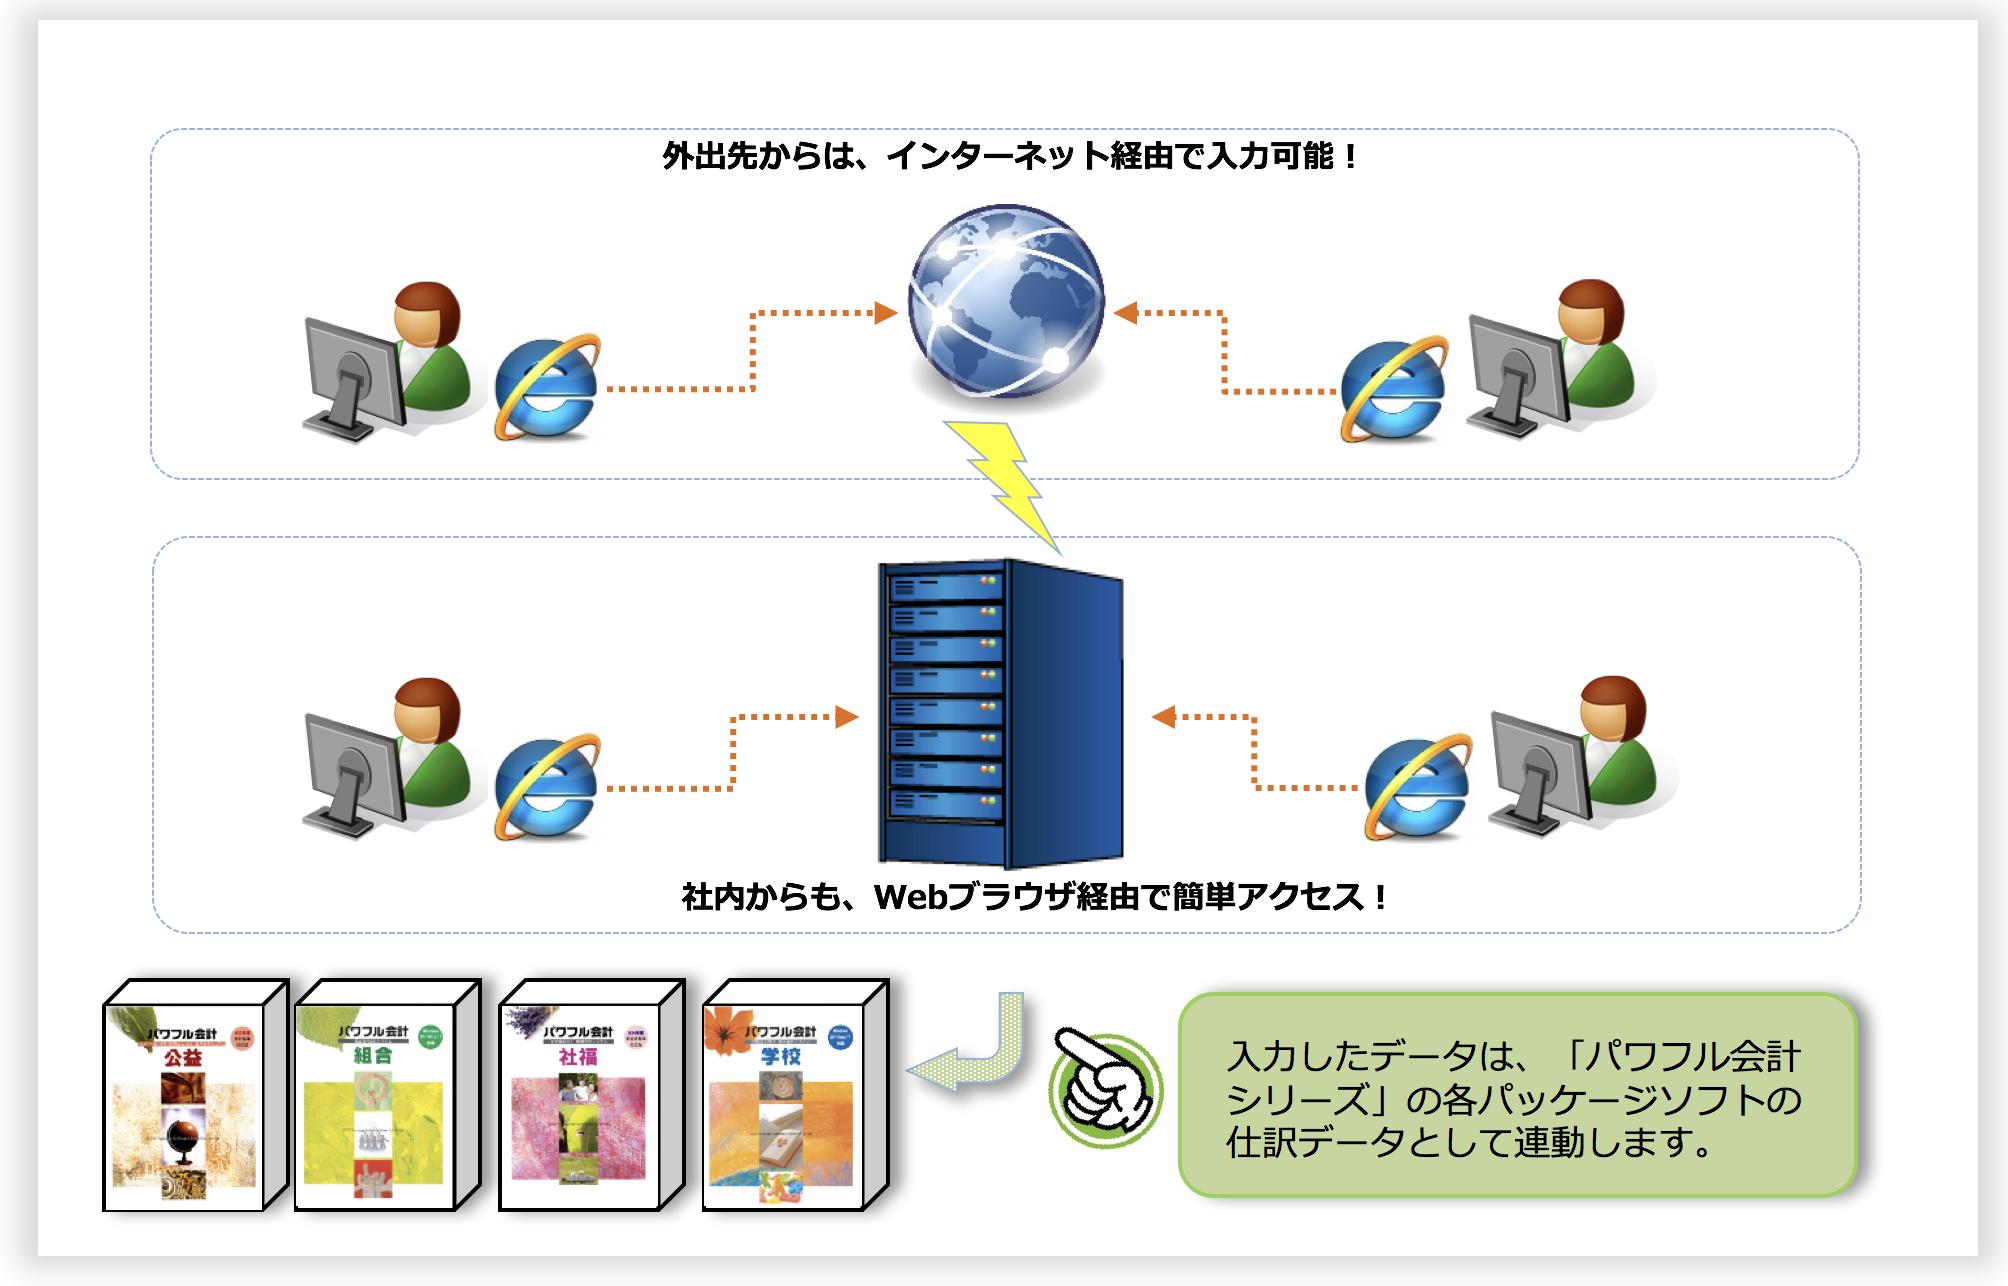 「旅費精算管理システム」システム運用イメージ